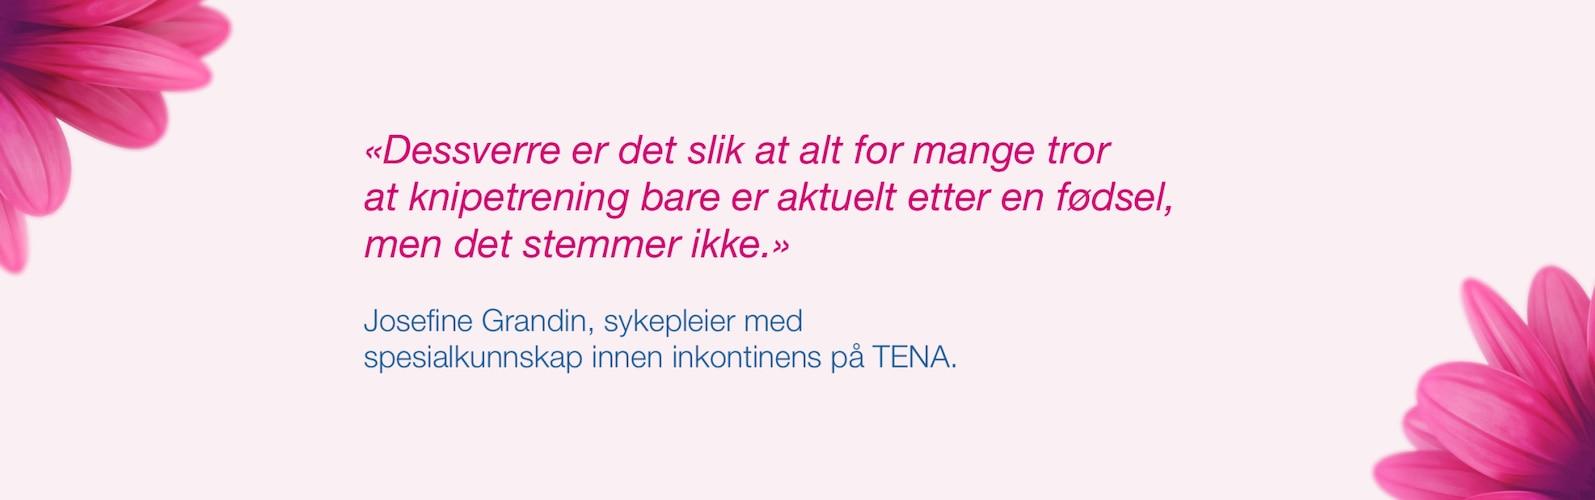 Toril Enderud Jørgensen, nordisk produktsjef i Tena